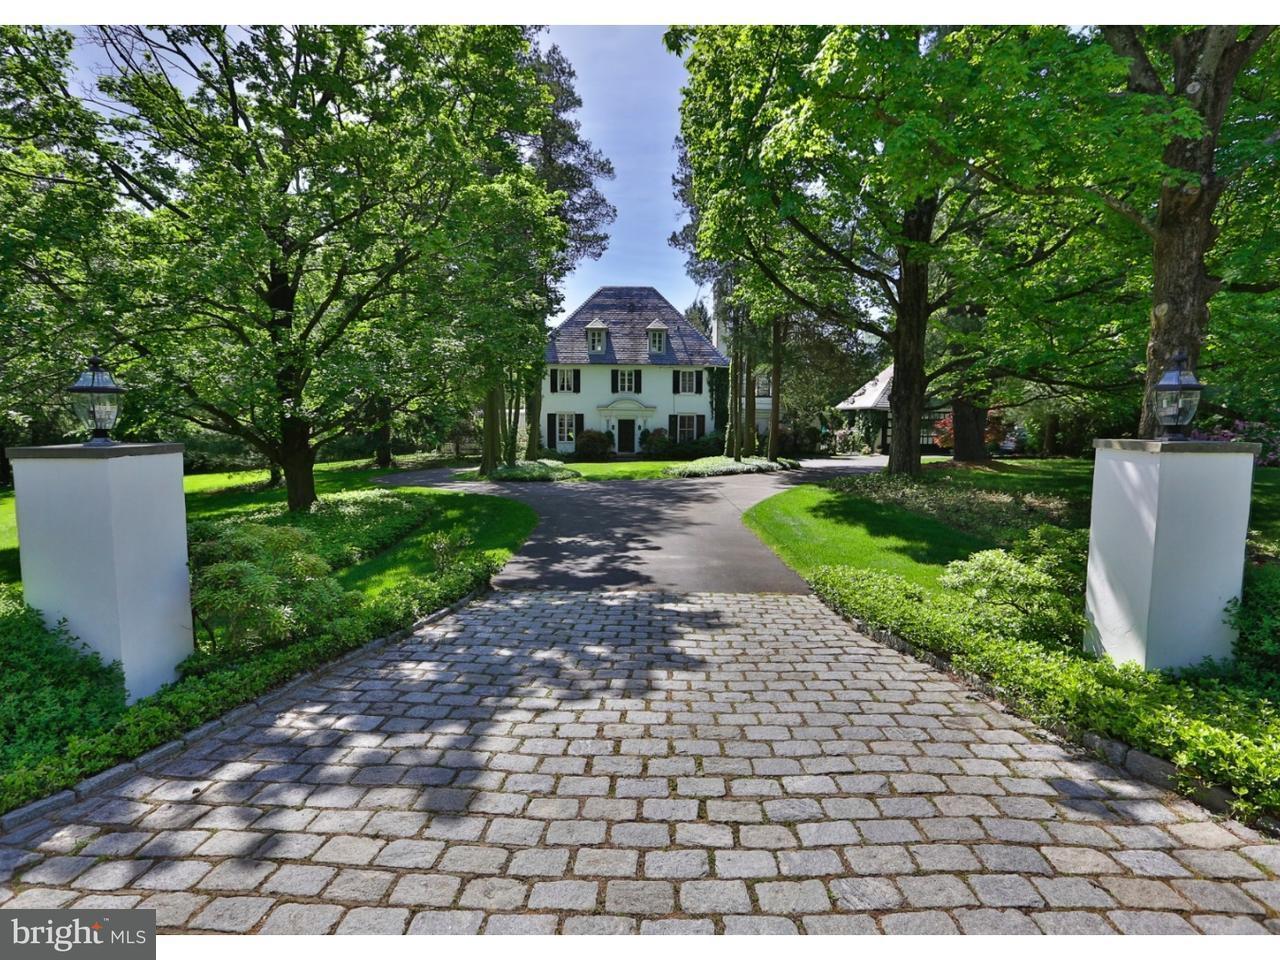 Частный односемейный дом для того Продажа на 2151 WASHINGTON Lane Huntingdon Valley, Пенсильвания 19006 Соединенные Штаты